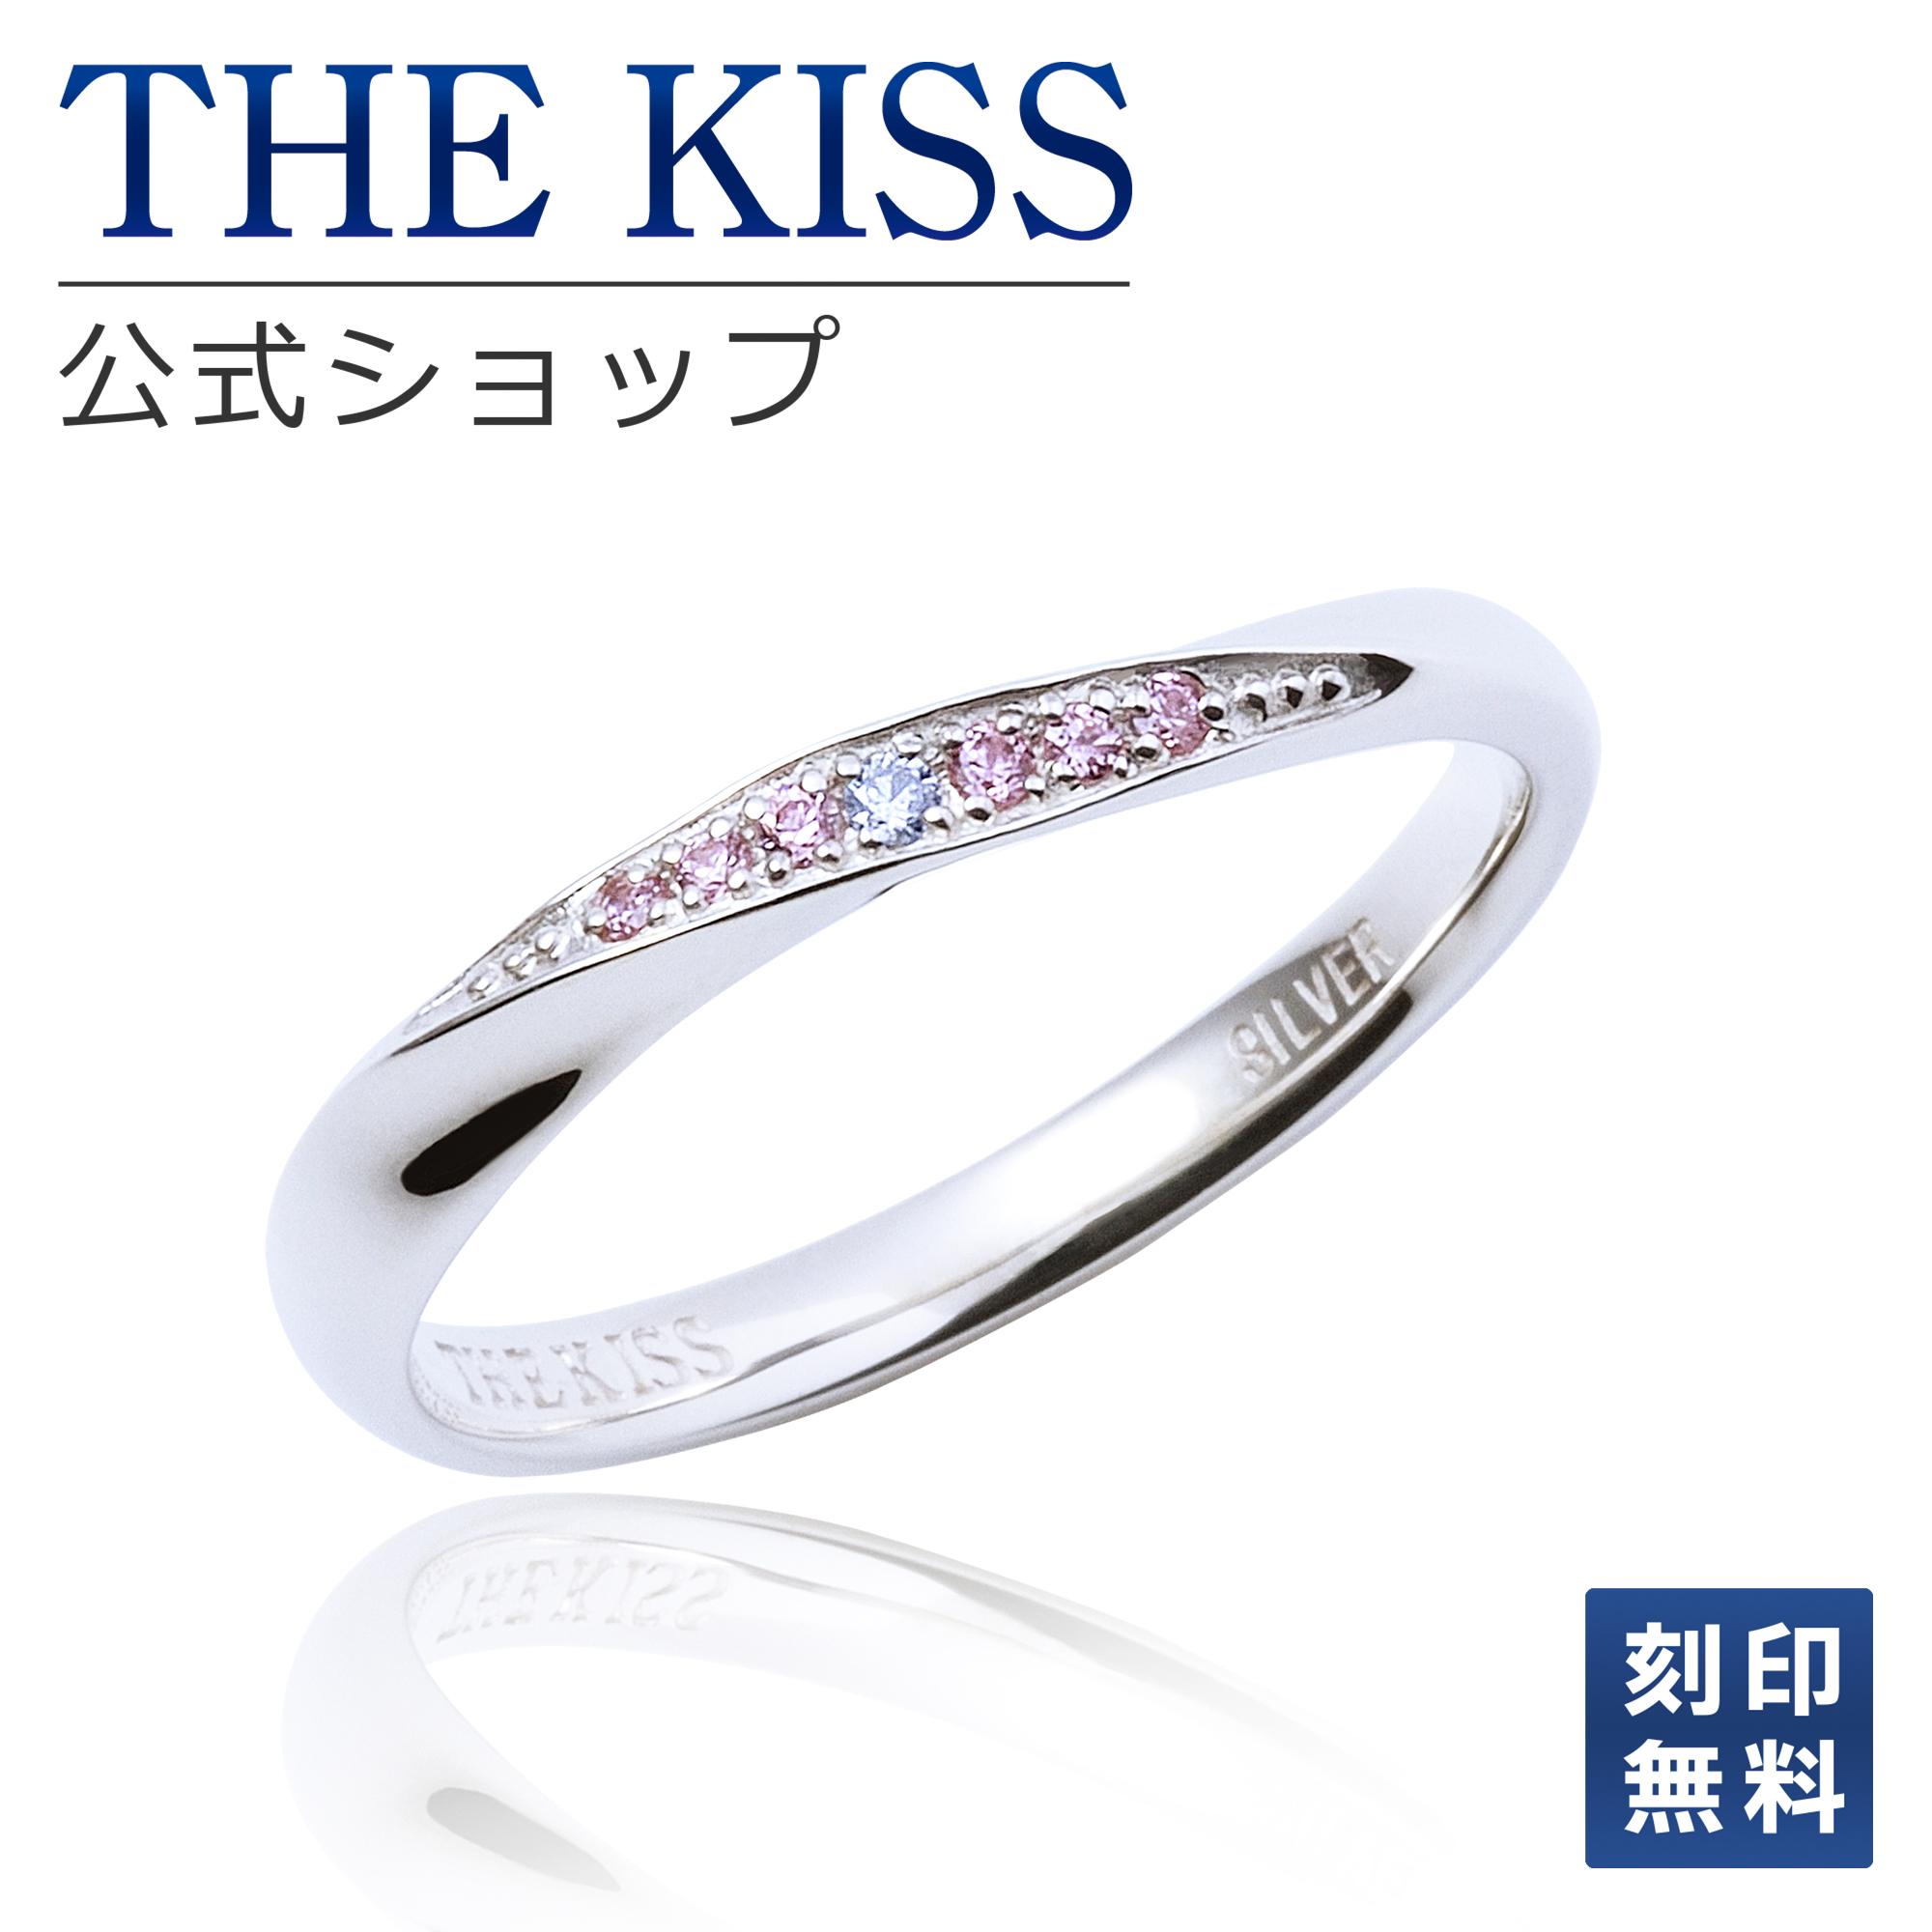 【刻印可_3文字】【あす楽対応】THE KISS 公式サイト シルバー ペアリング ( レディース 単品 ) ペアアクセサリー カップル に 人気 の ジュエリーブランド THEKISS ペア リング・指輪 記念日 プレゼント SR1551DM ザキス 【送料無料】